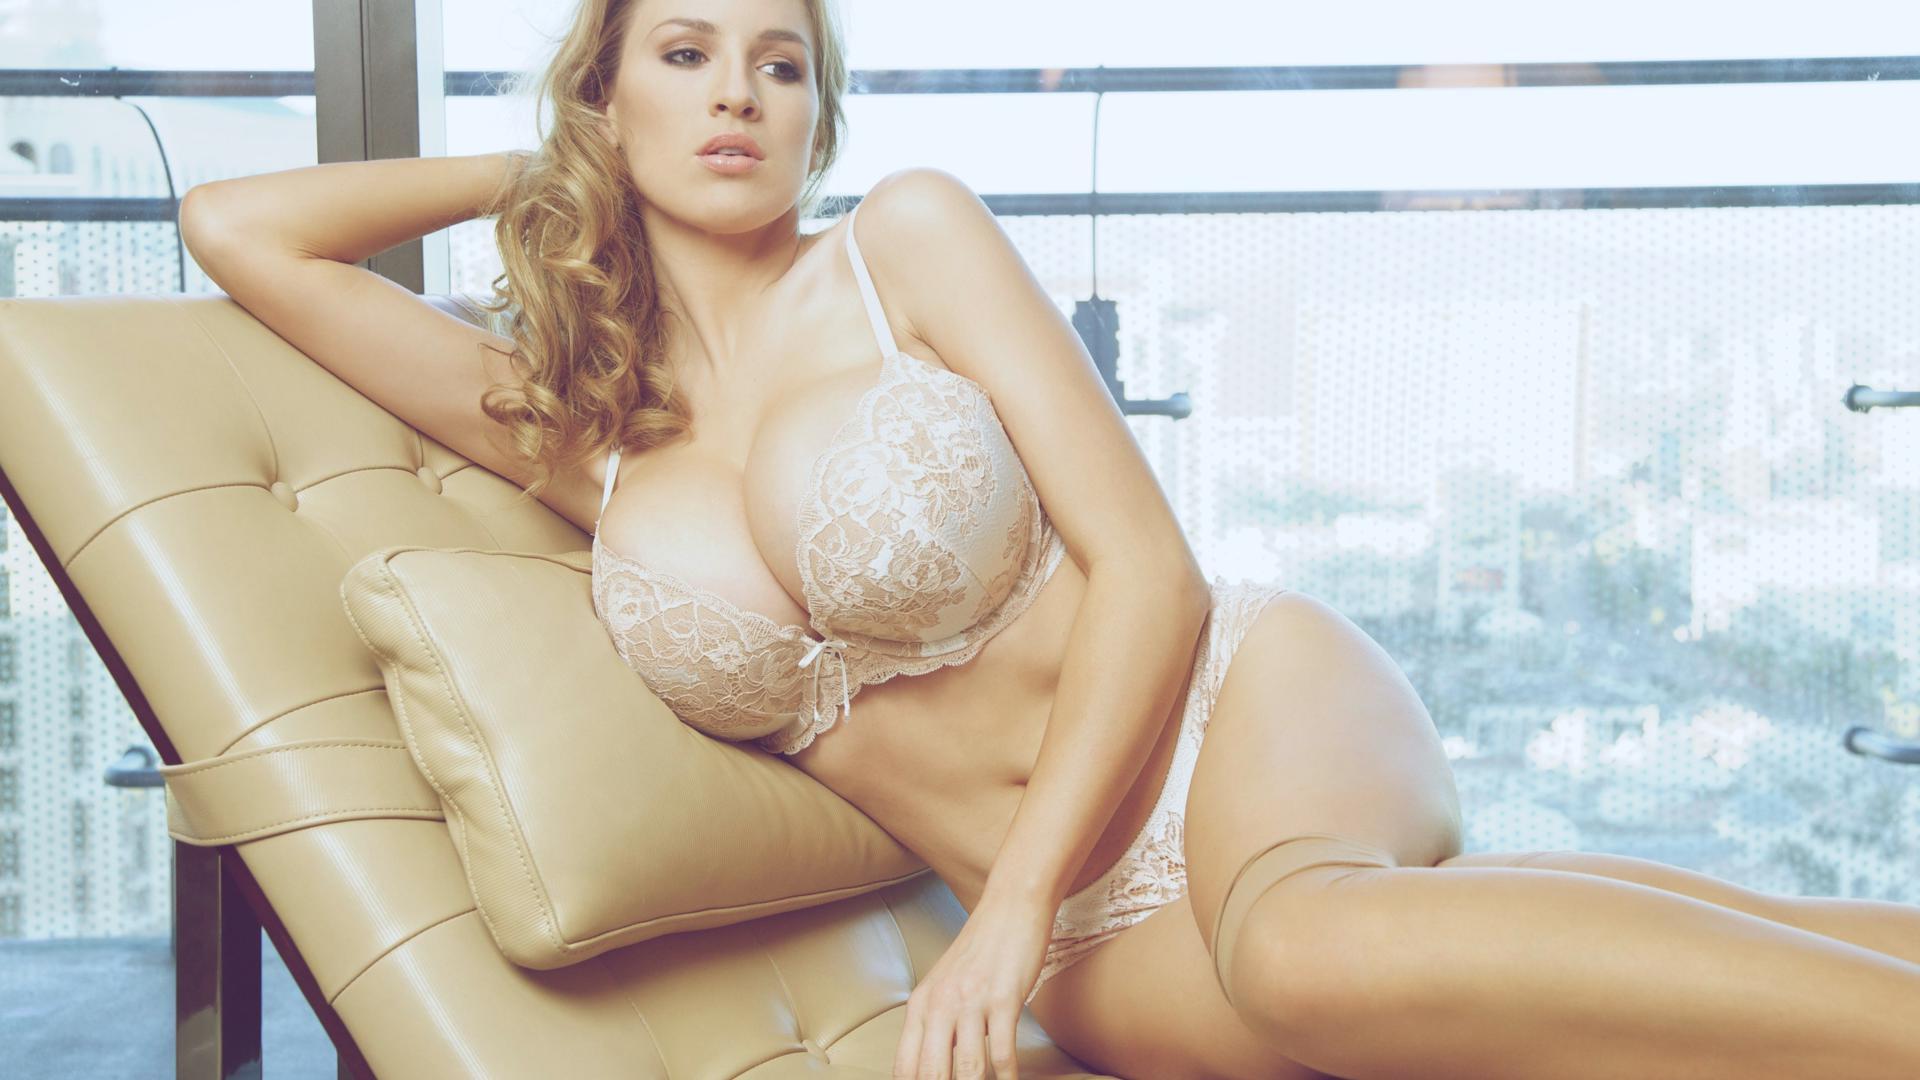 download photo 1920x1080, jordan carver, model, big boobs, huge tits